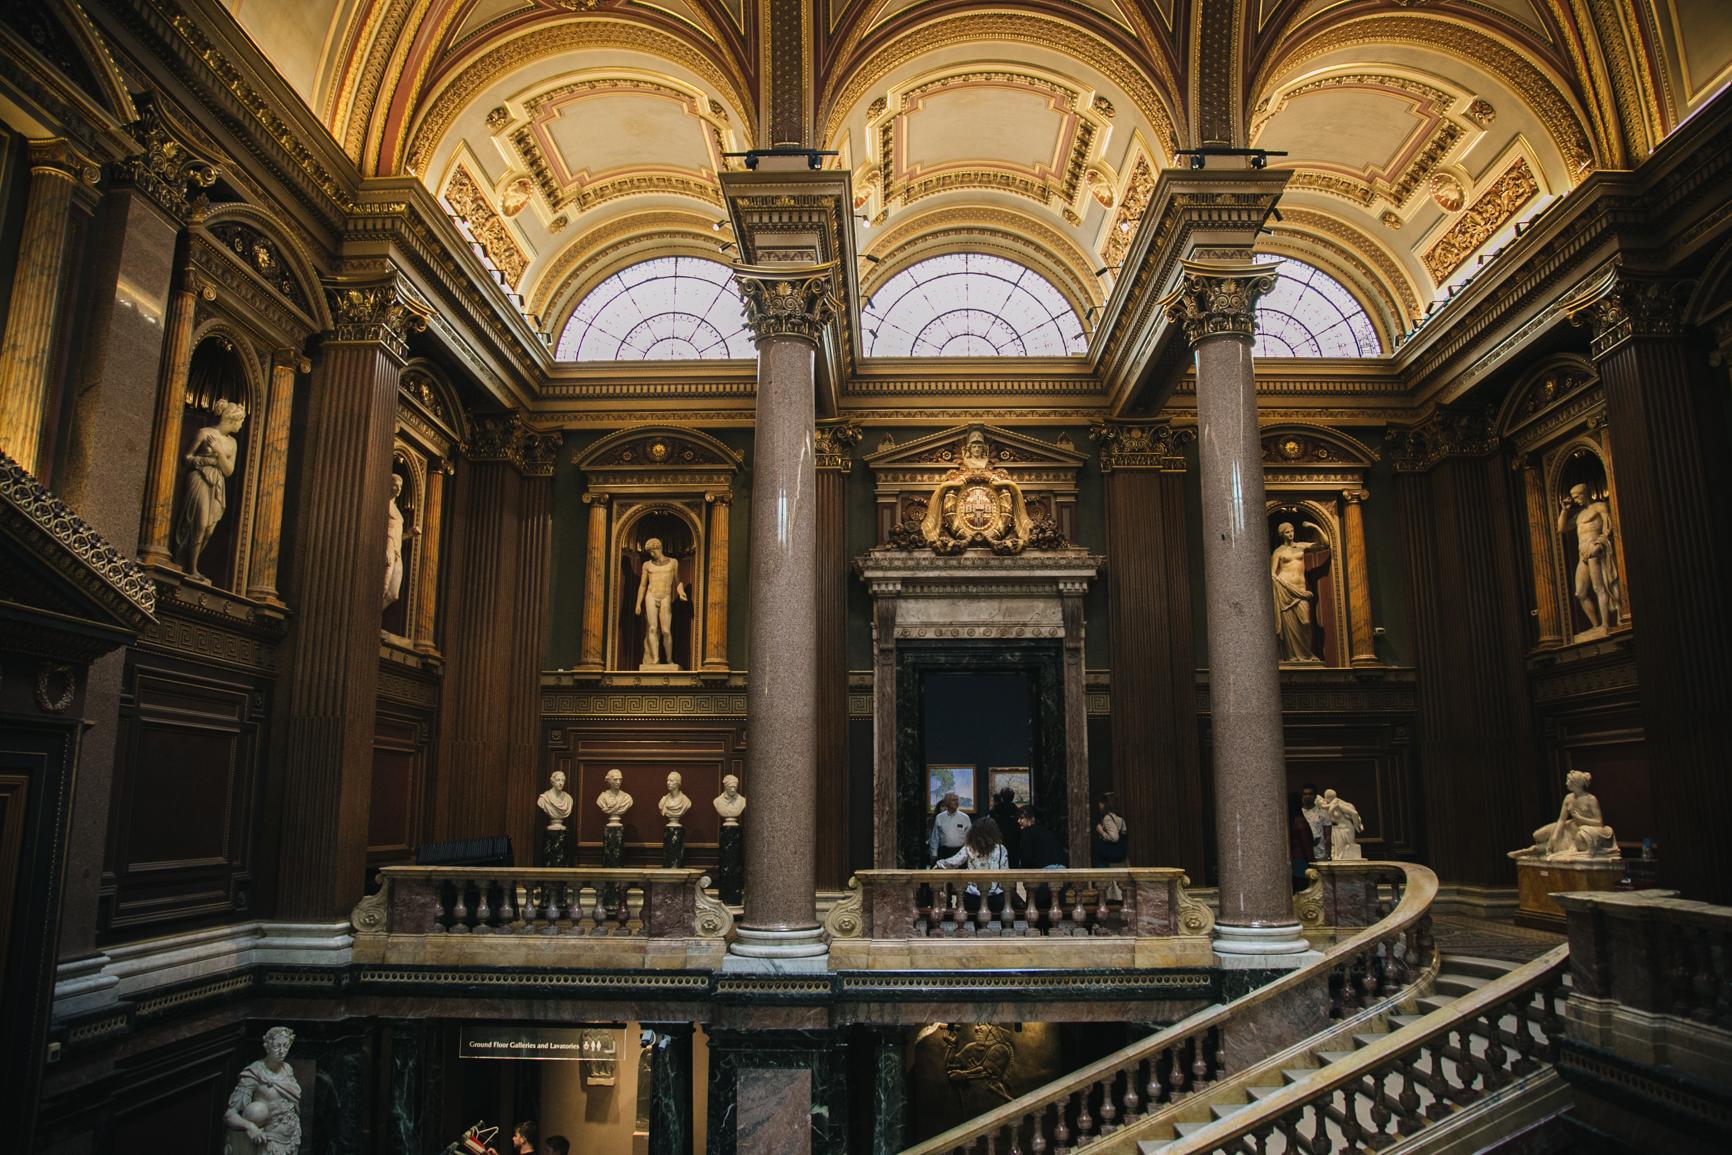 fitzwilliam-musee-cambridge-interieur.jpg